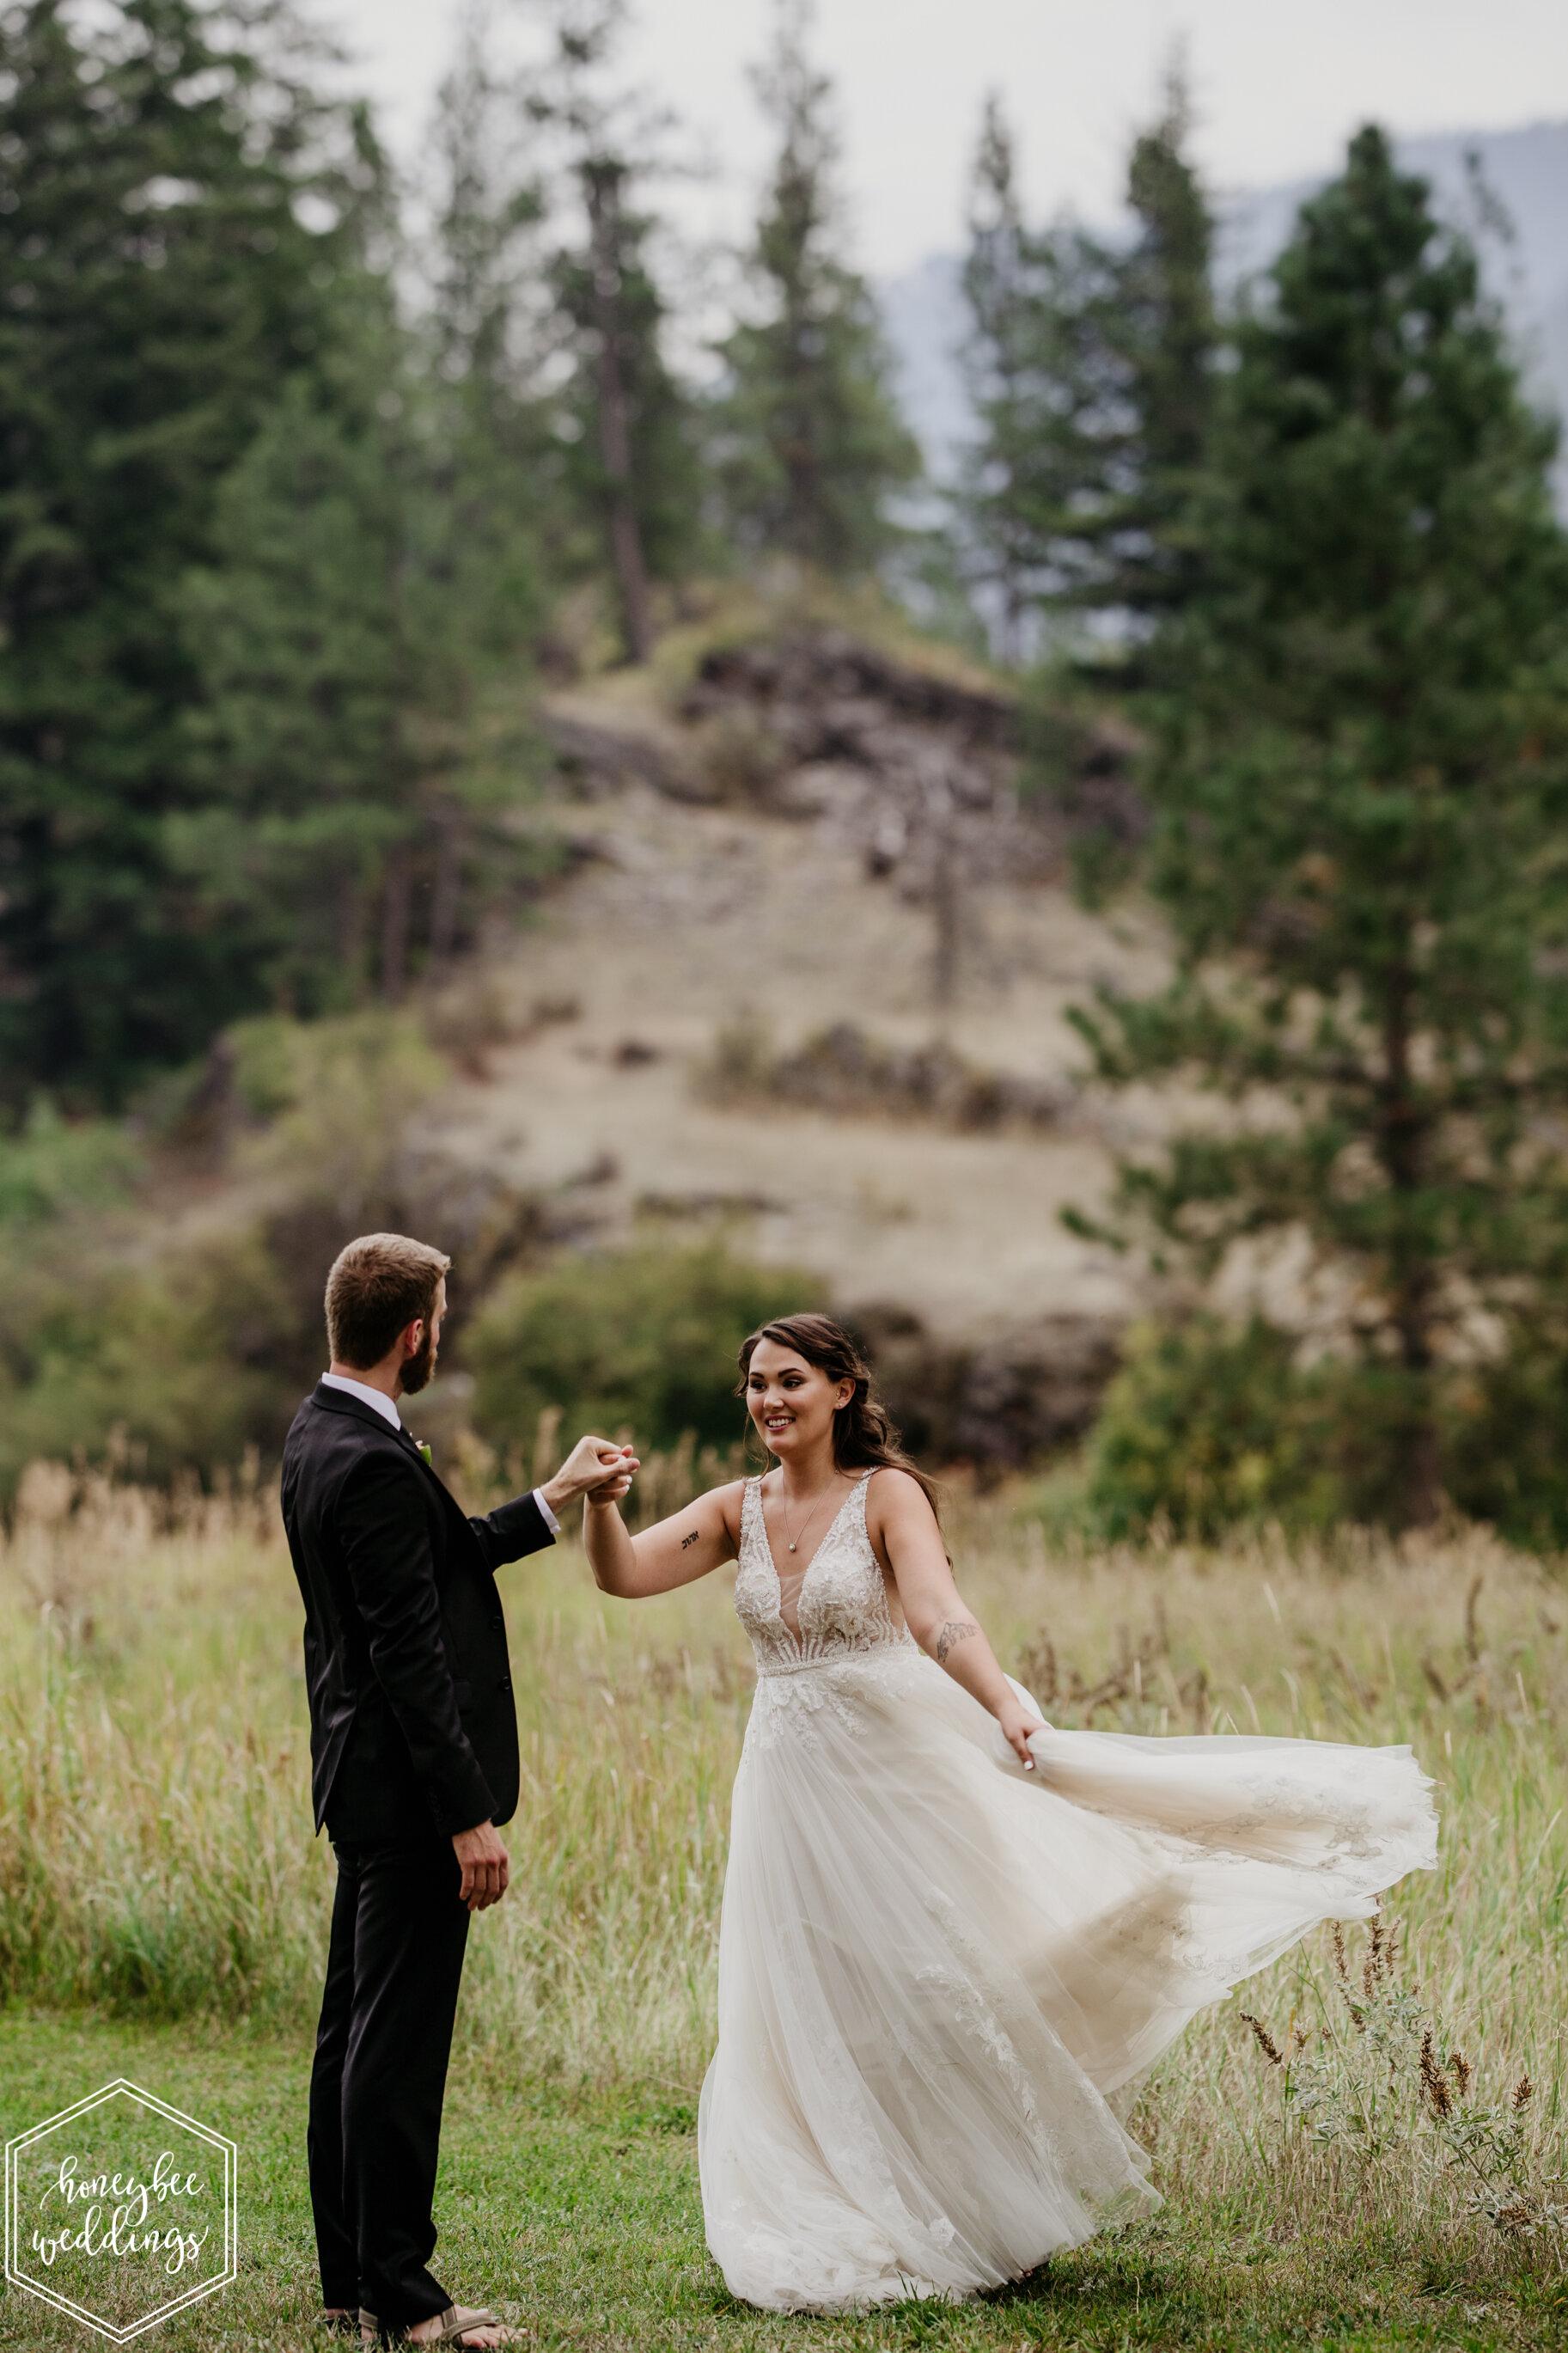 098White Raven Wedding_Montana Wedding Photographer_Corey & Corey_Honeybee Weddings_September 06, 2019-2396.jpg